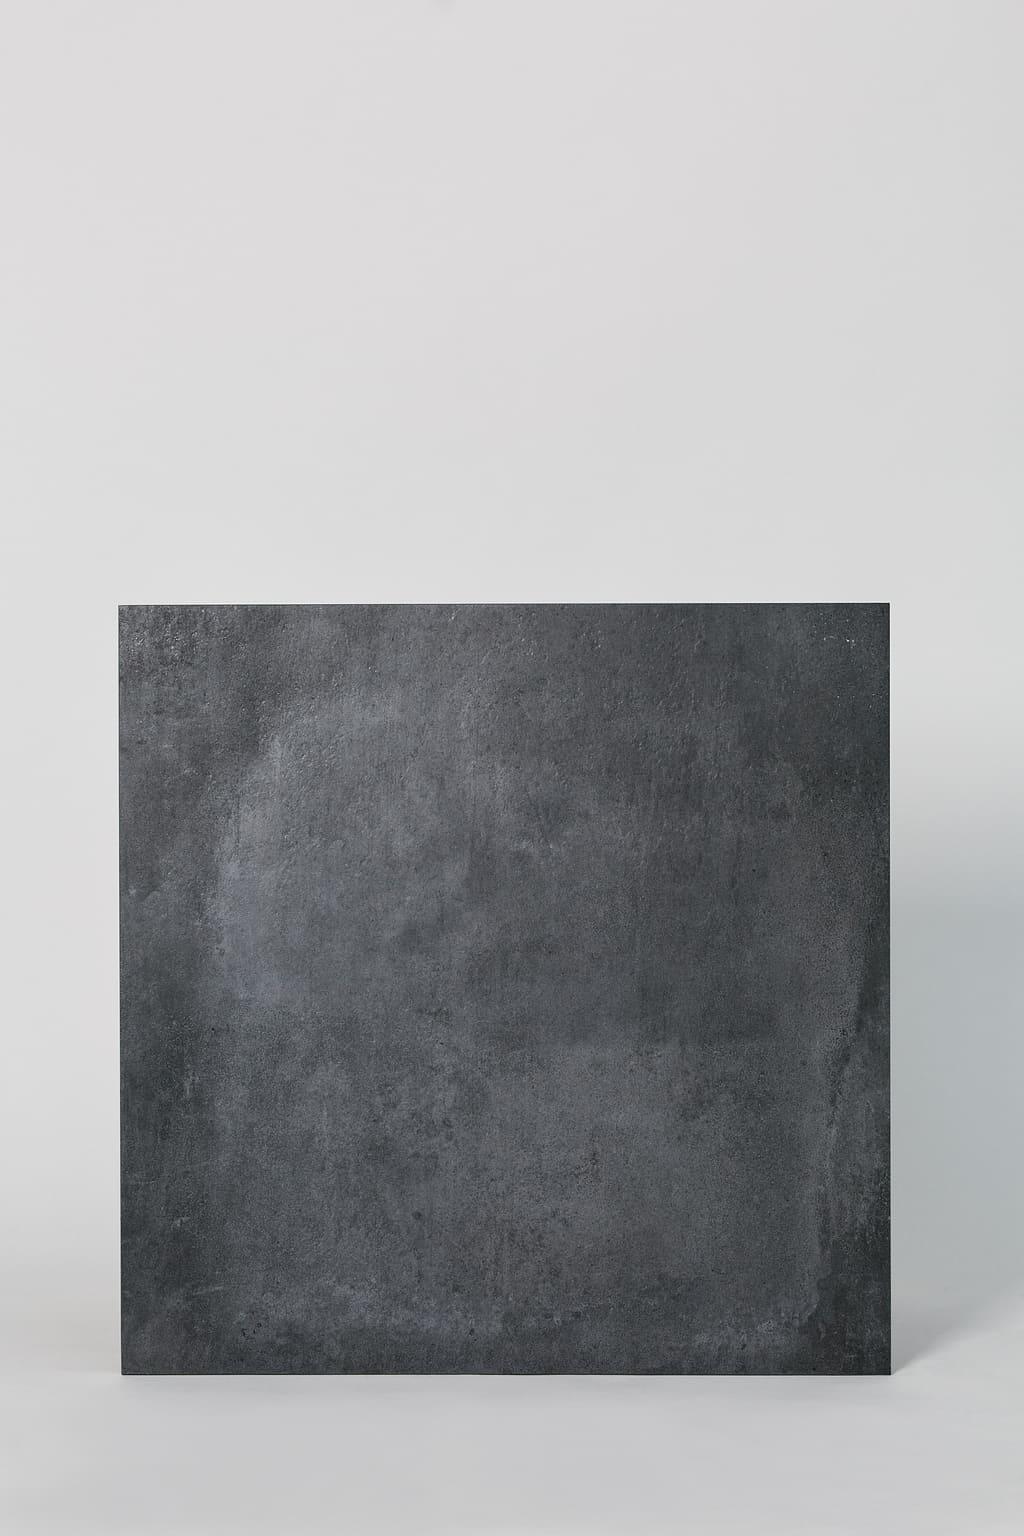 Płytka dekoracyjna włoska, gresowa, rektyfikowana, mrozoodporna, podłoga, ściana, matowa, rozmiar 60x60cm - CERCOM Gravity dark